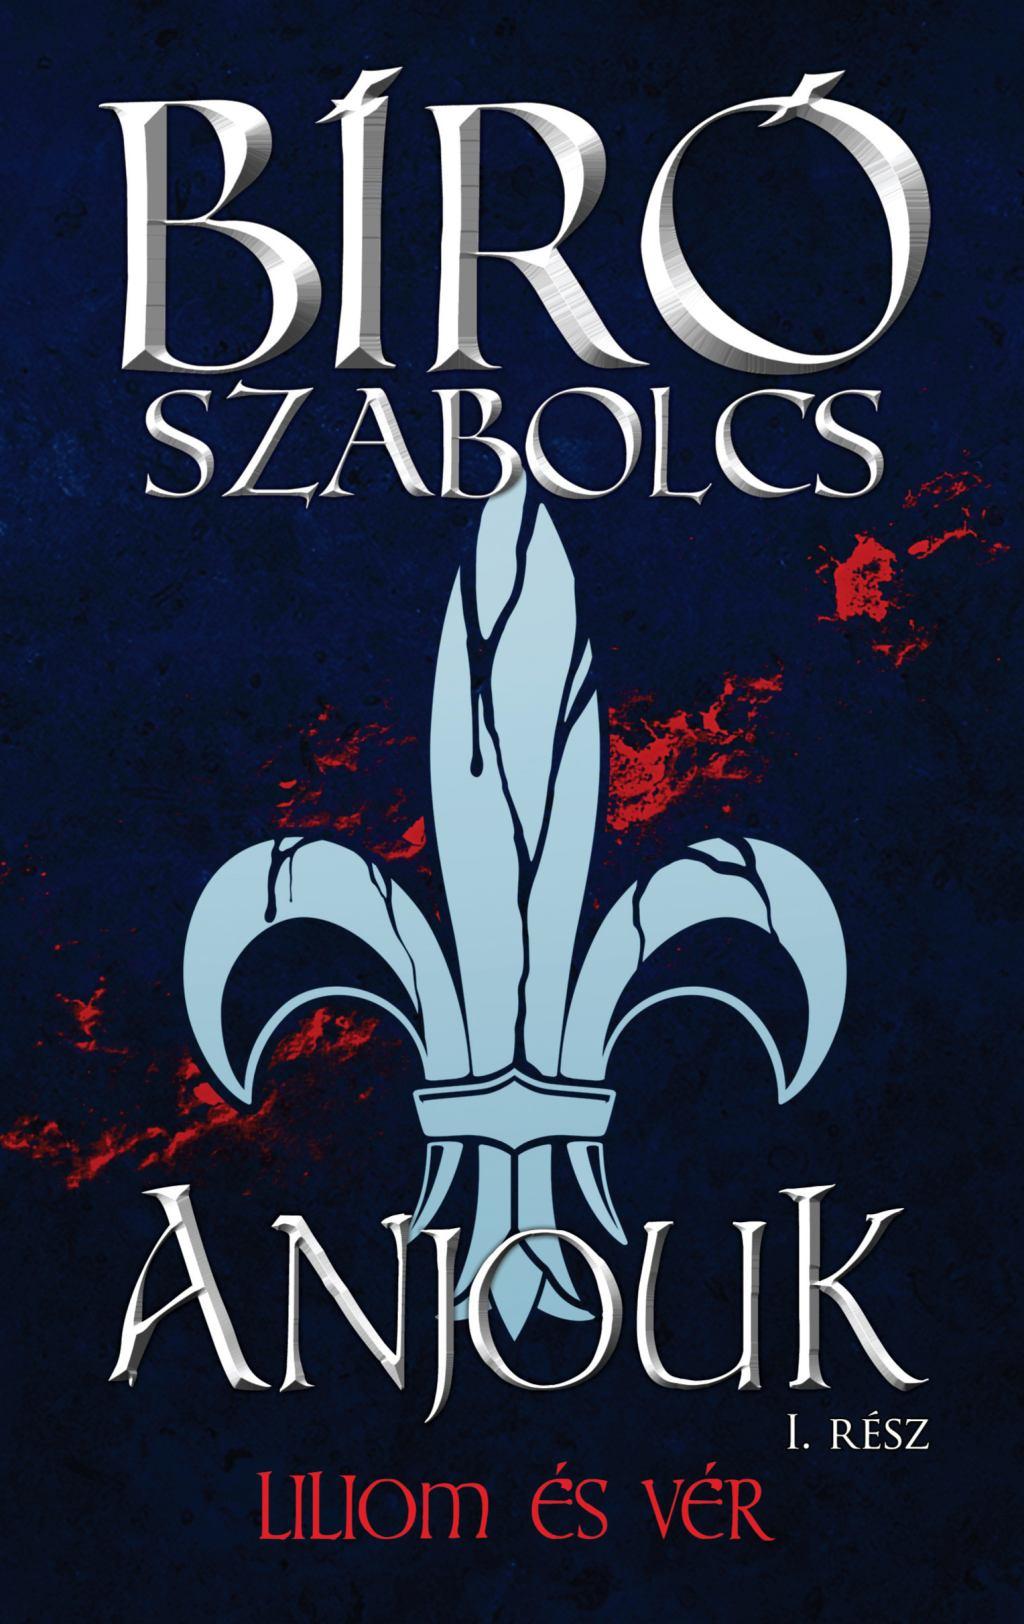 Bíró Szabolcs - Anjouk I. - Liliom és vér